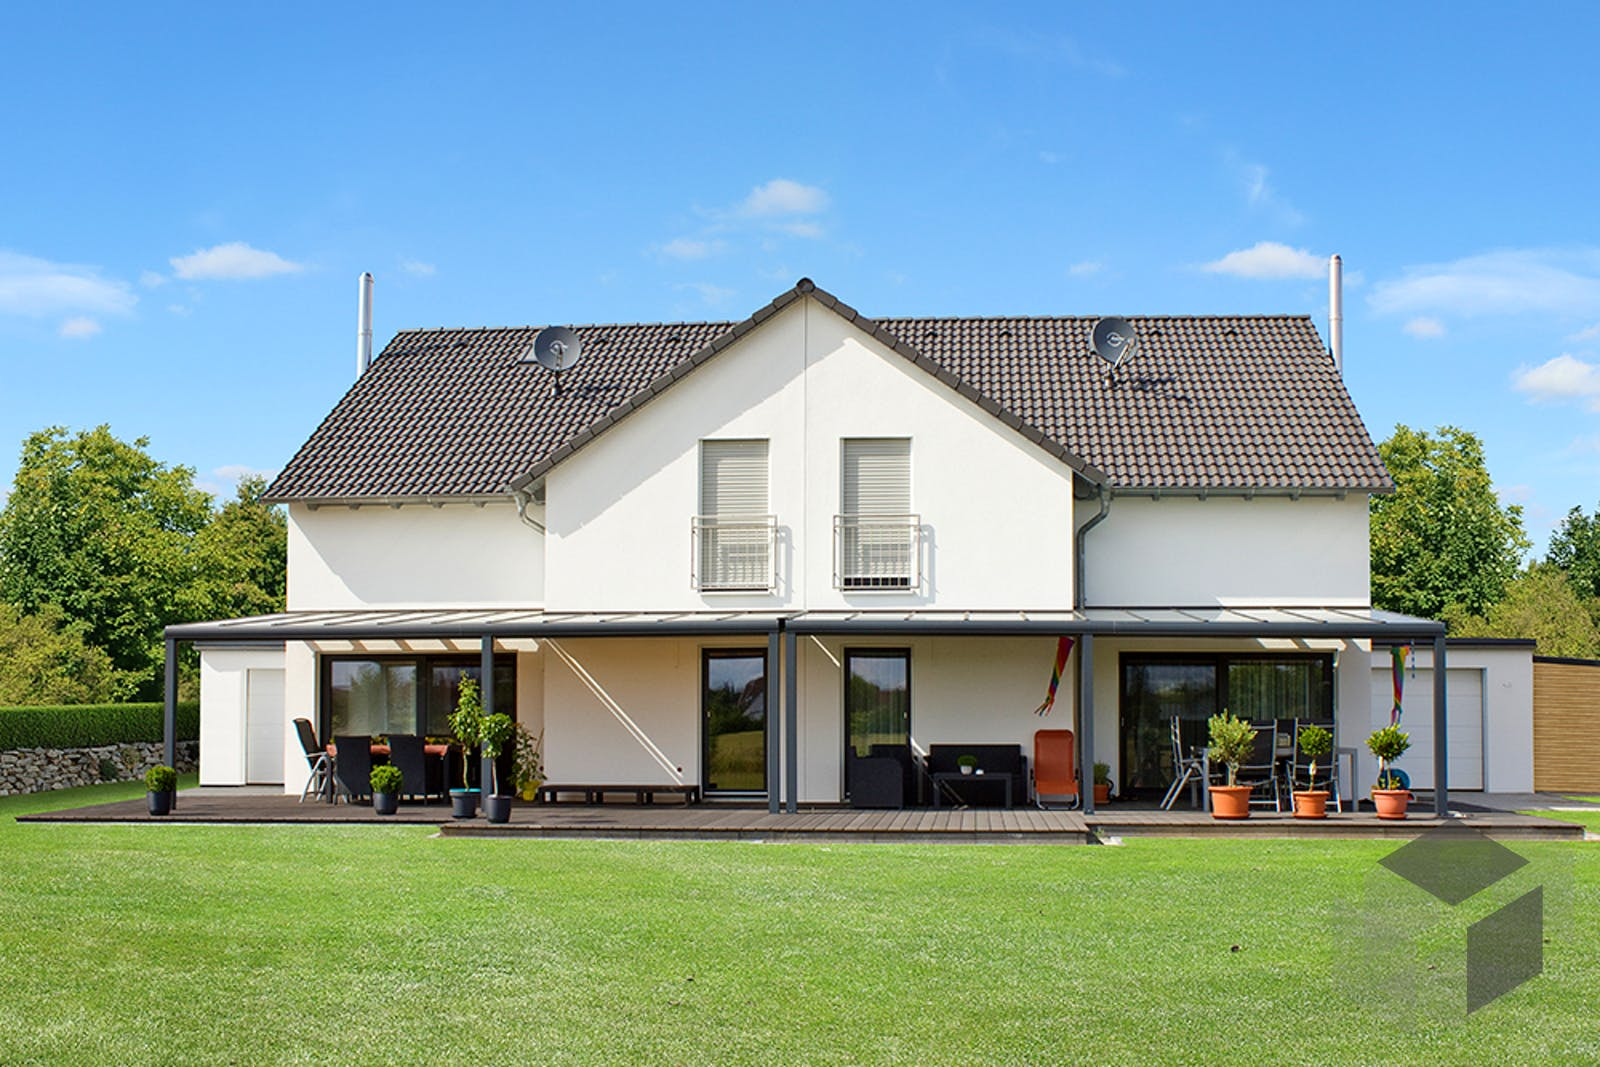 homestory 343 von lehner haus komplette daten bersicht. Black Bedroom Furniture Sets. Home Design Ideas